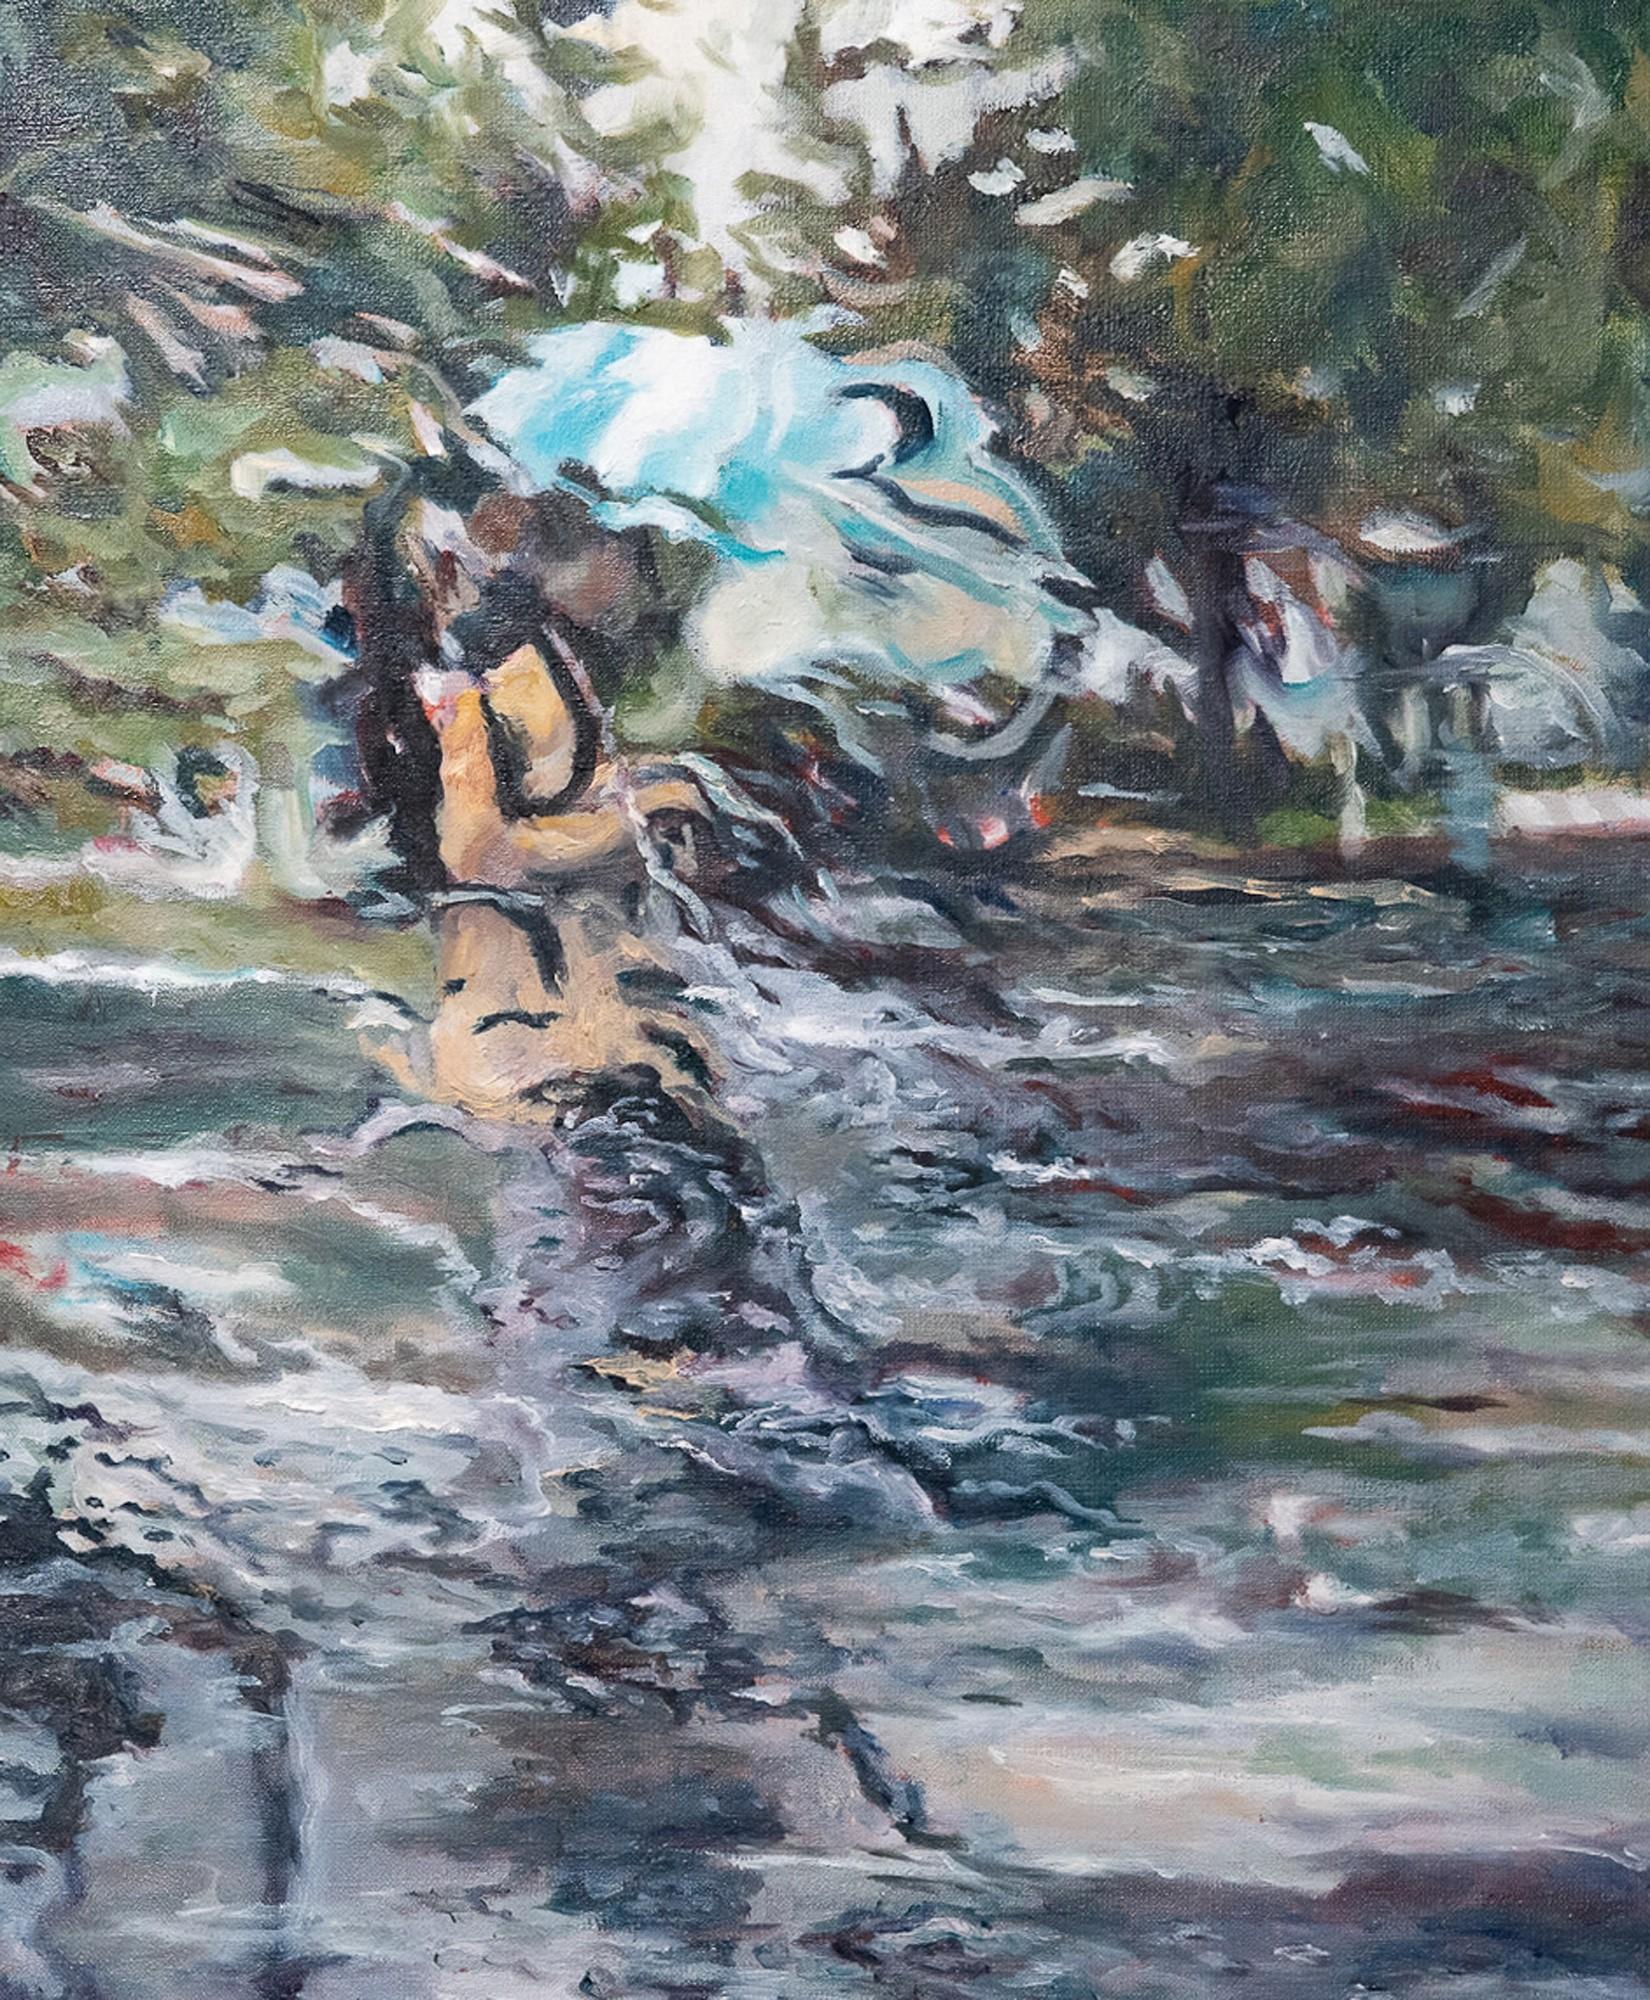 Blue umbrella | Malerei von Künstlerin Simone Westphal, Öl auf Leinwand